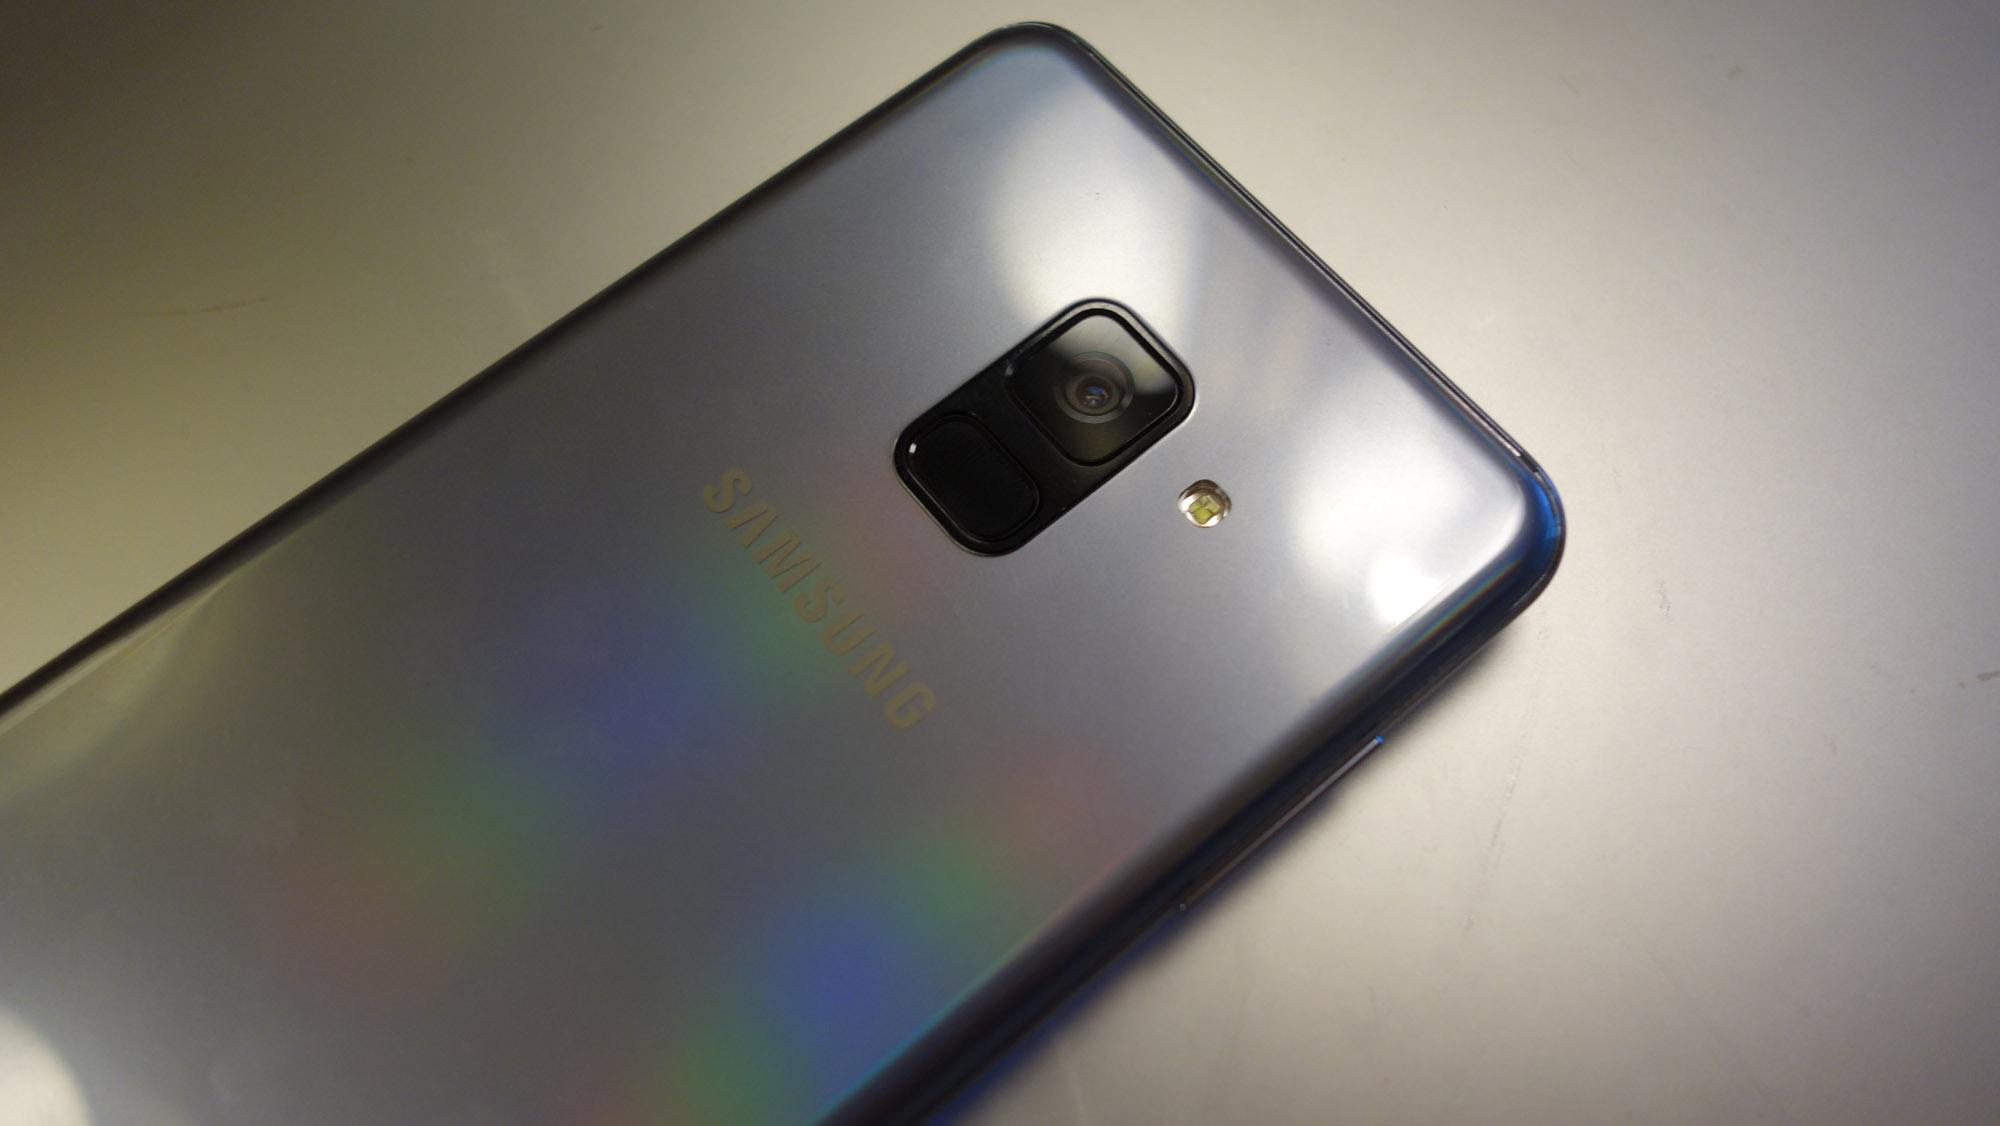 Samsung Galaxy A8 - новый обзор и сравнение моделей, цены в интернет-магазинах